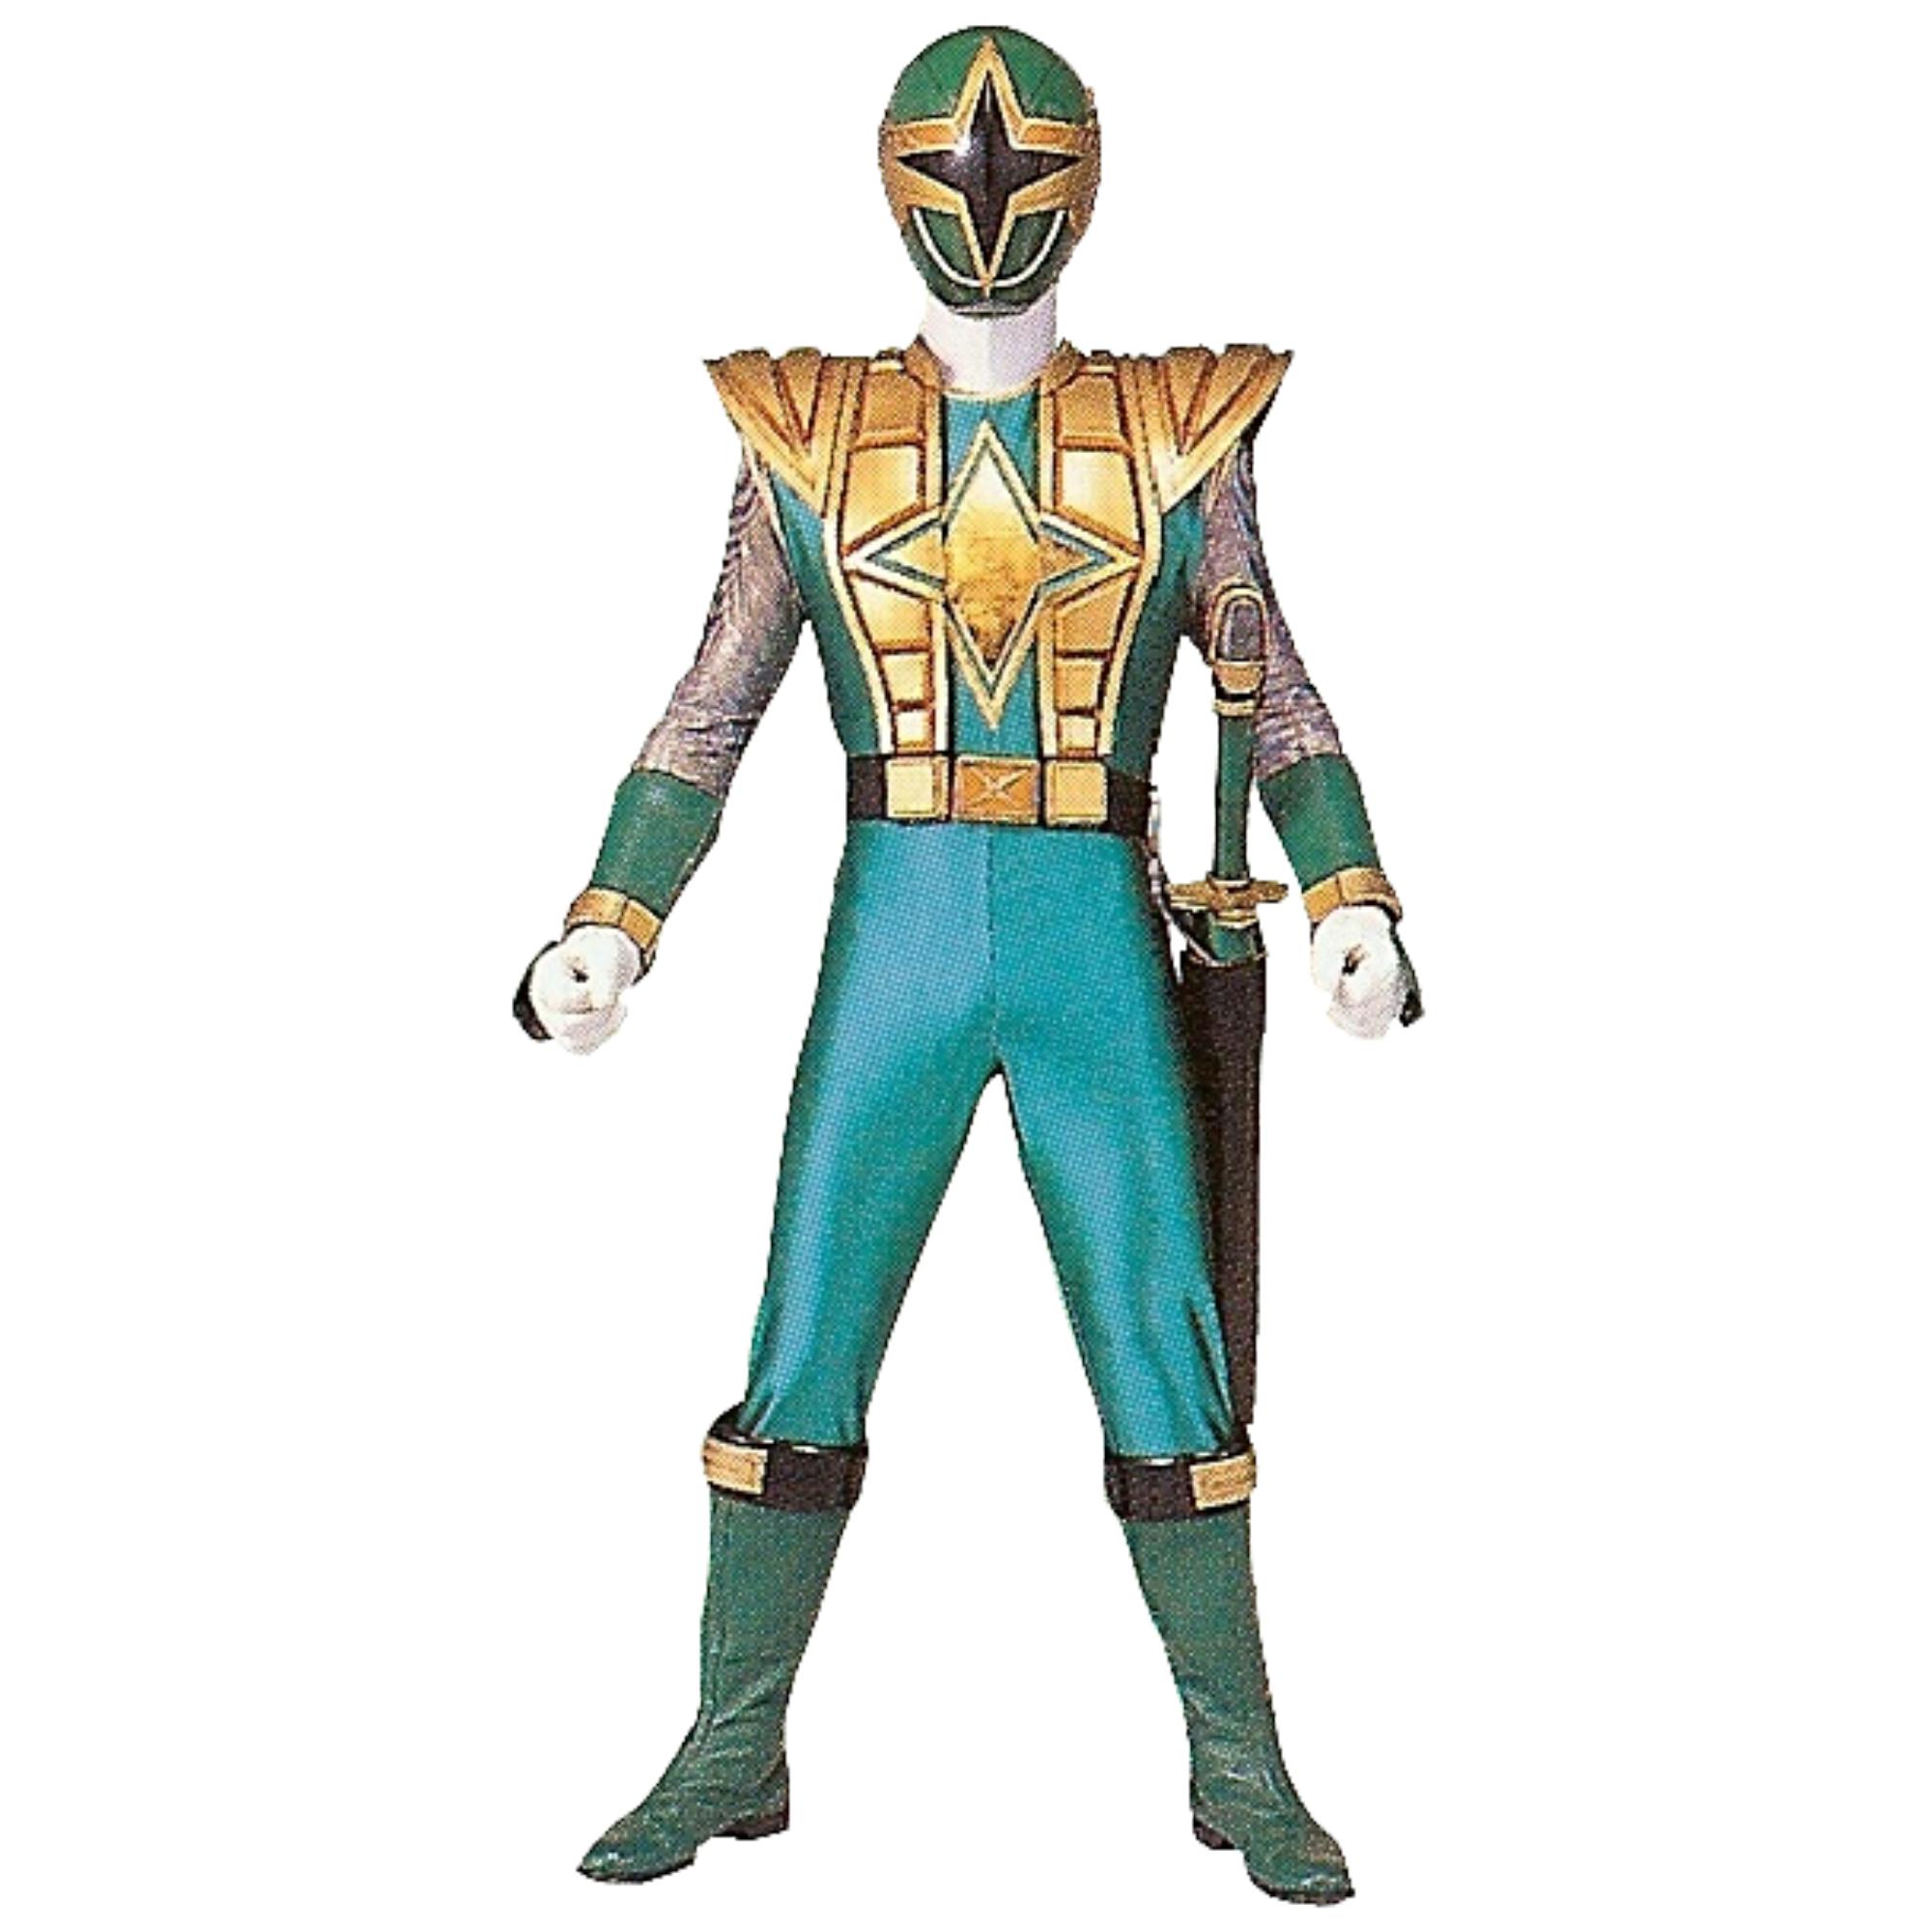 Favorite Ninja Storm Ranger Costume? - The Power Rangers